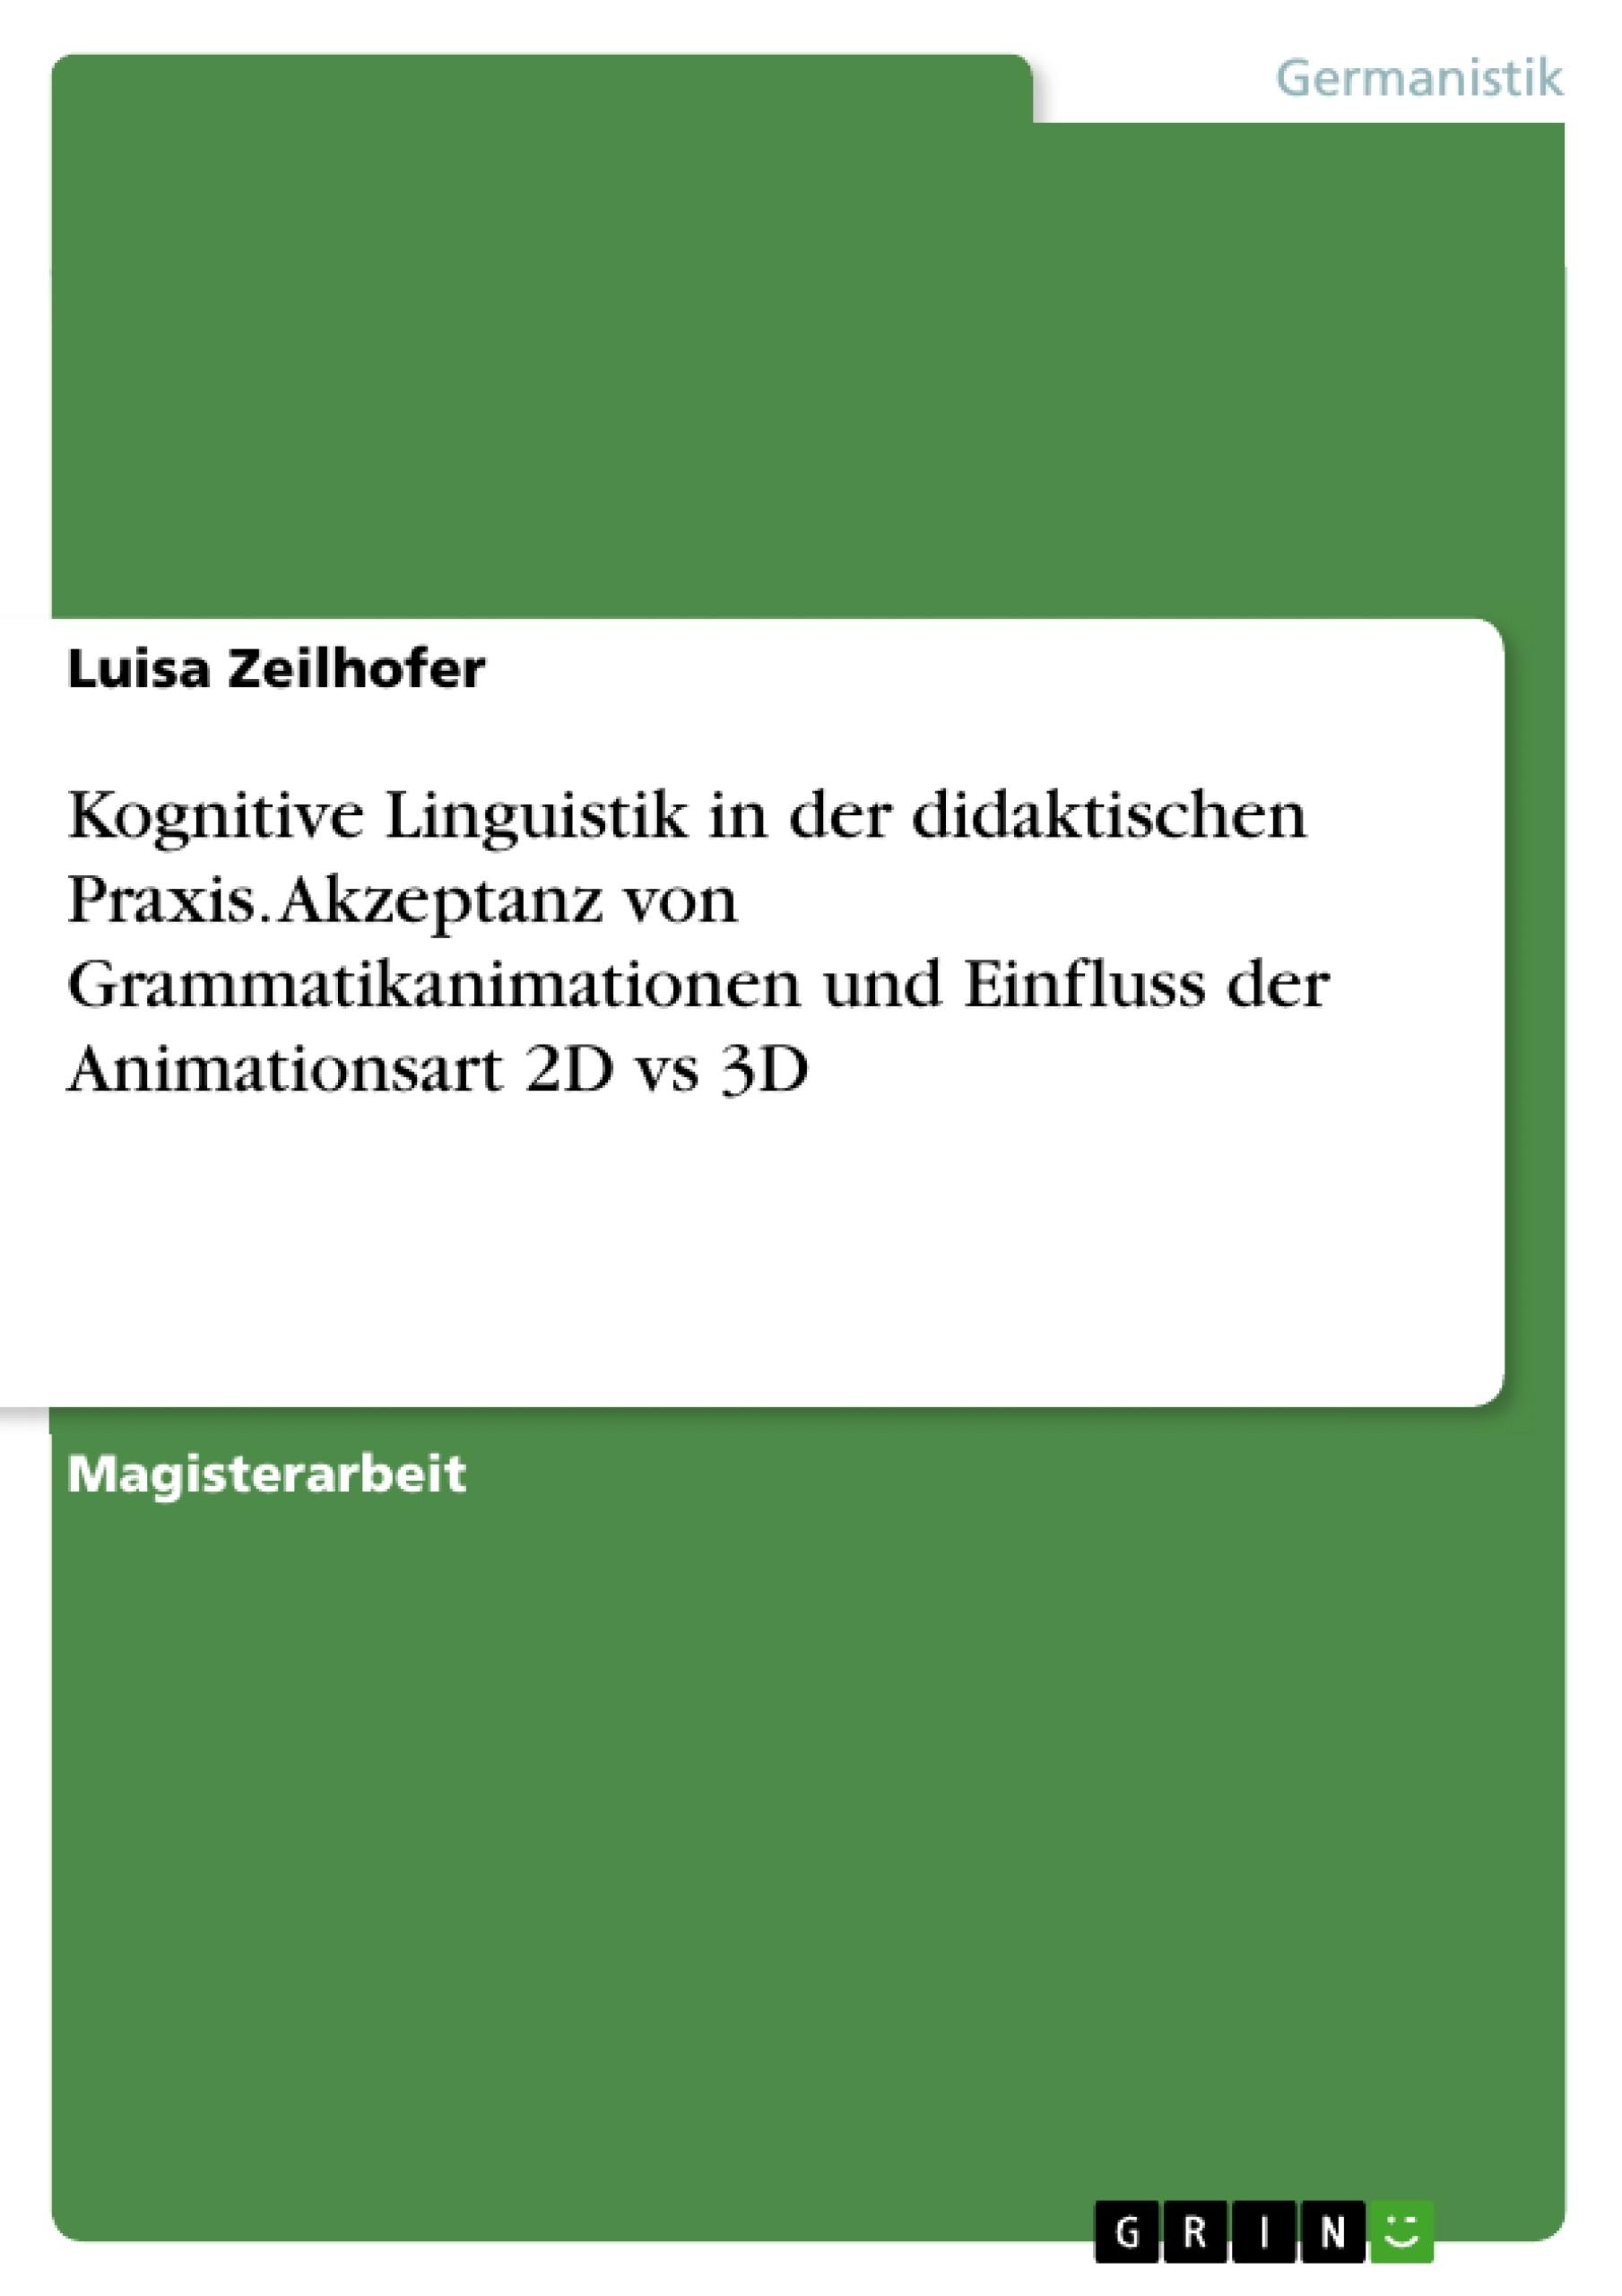 Titel: Kognitive Linguistik in der didaktischen Praxis. Akzeptanz von Grammatikanimationen und Einfluss der Animationsart 2D vs 3D